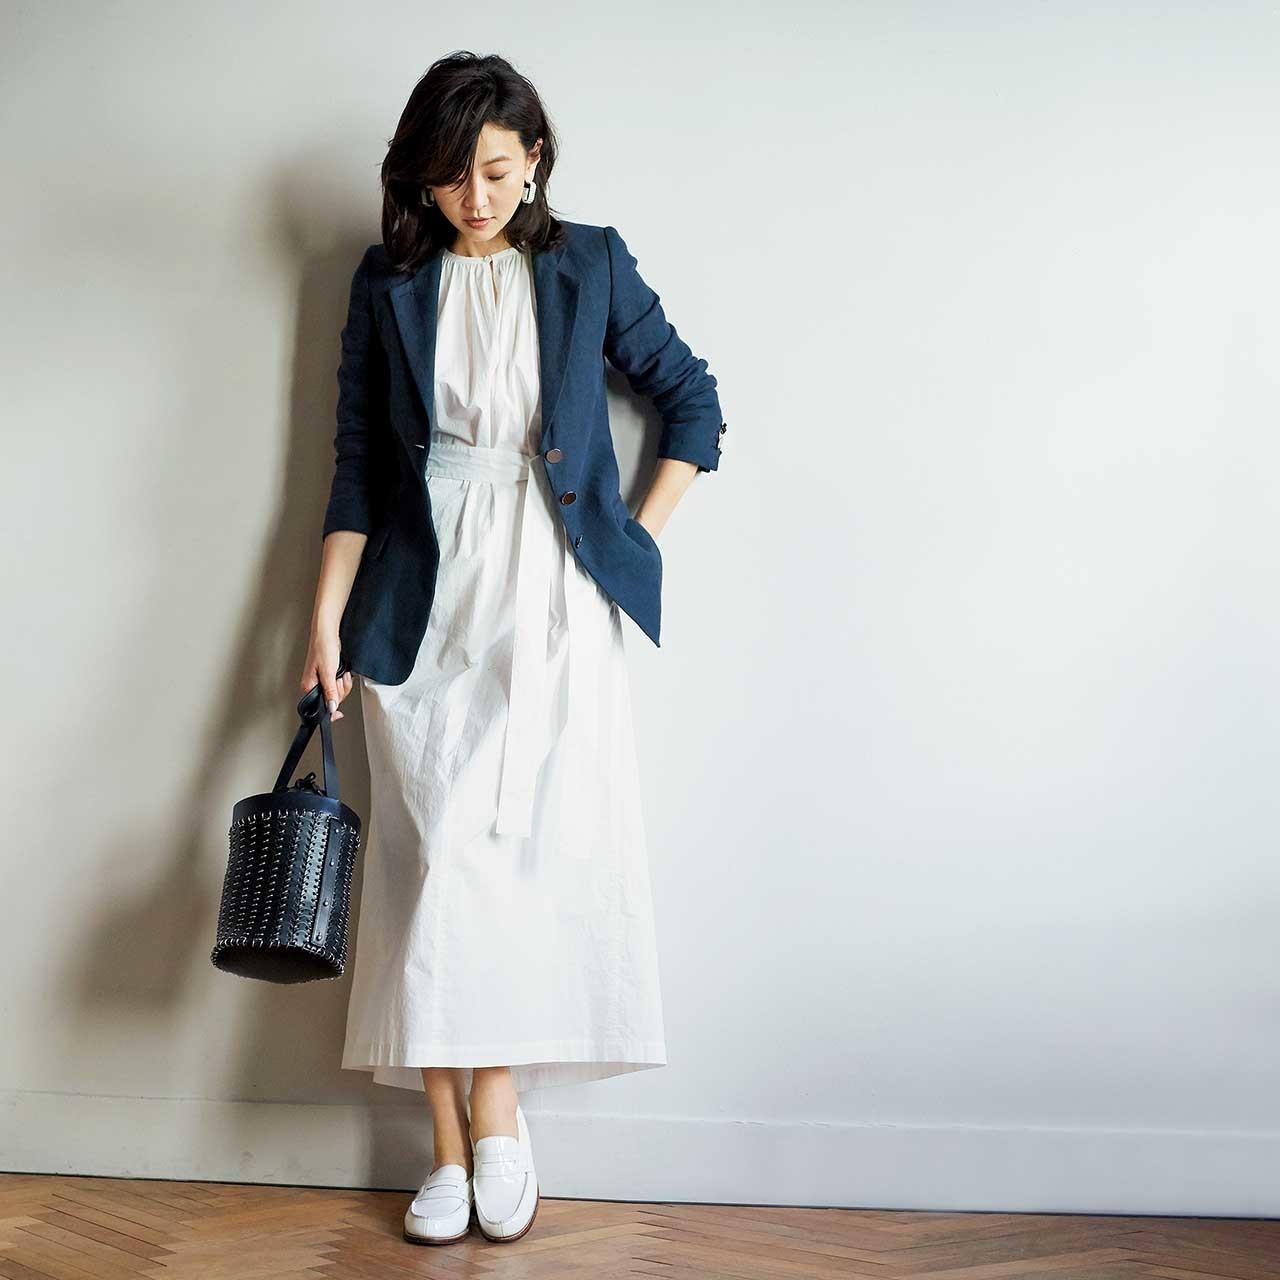 ロングワンピース×ジャケットコーデを着たモデルの五明祐子さん